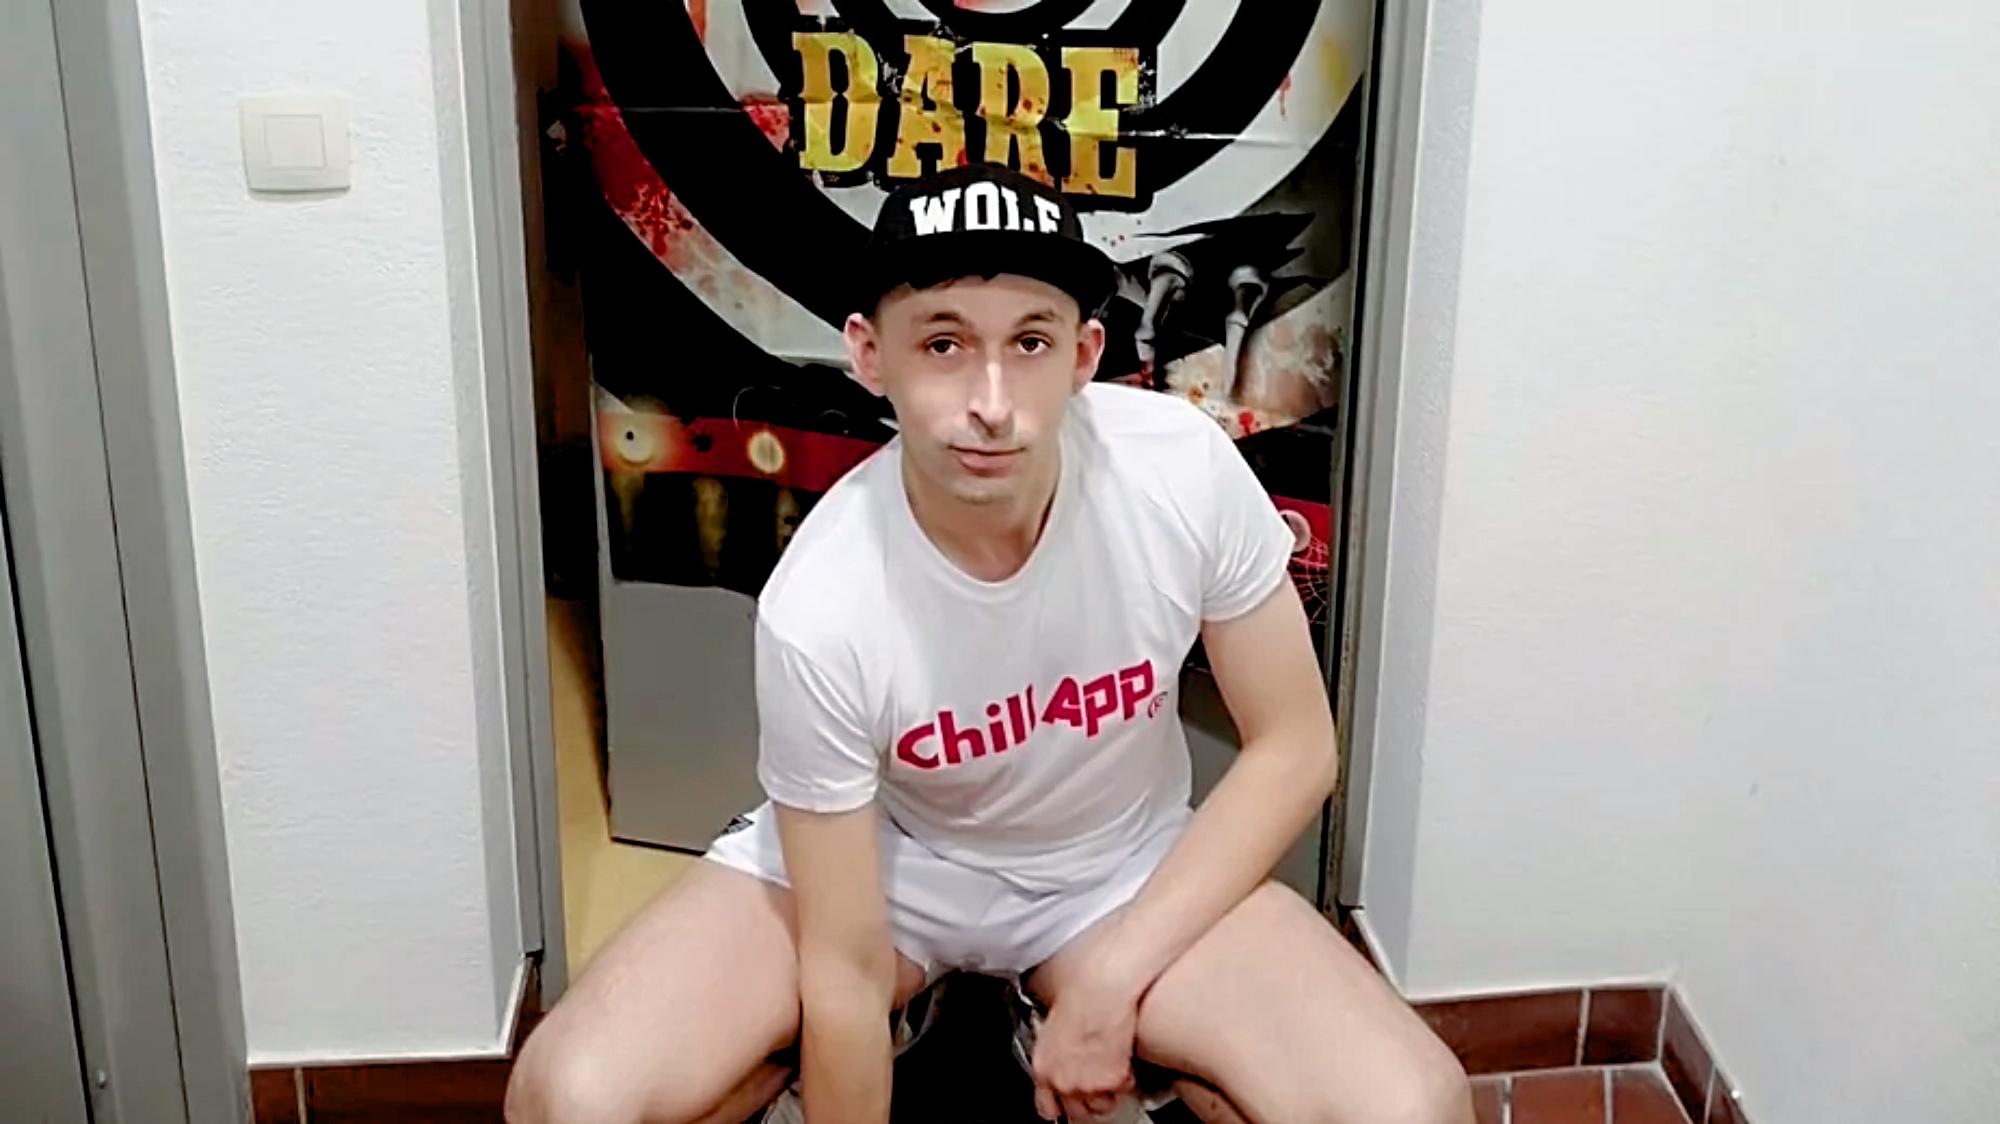 Egyre zavarosabb, magának is ellentmondó nyilatkozatokat tesz a brüsszeli szexparti szervezője!